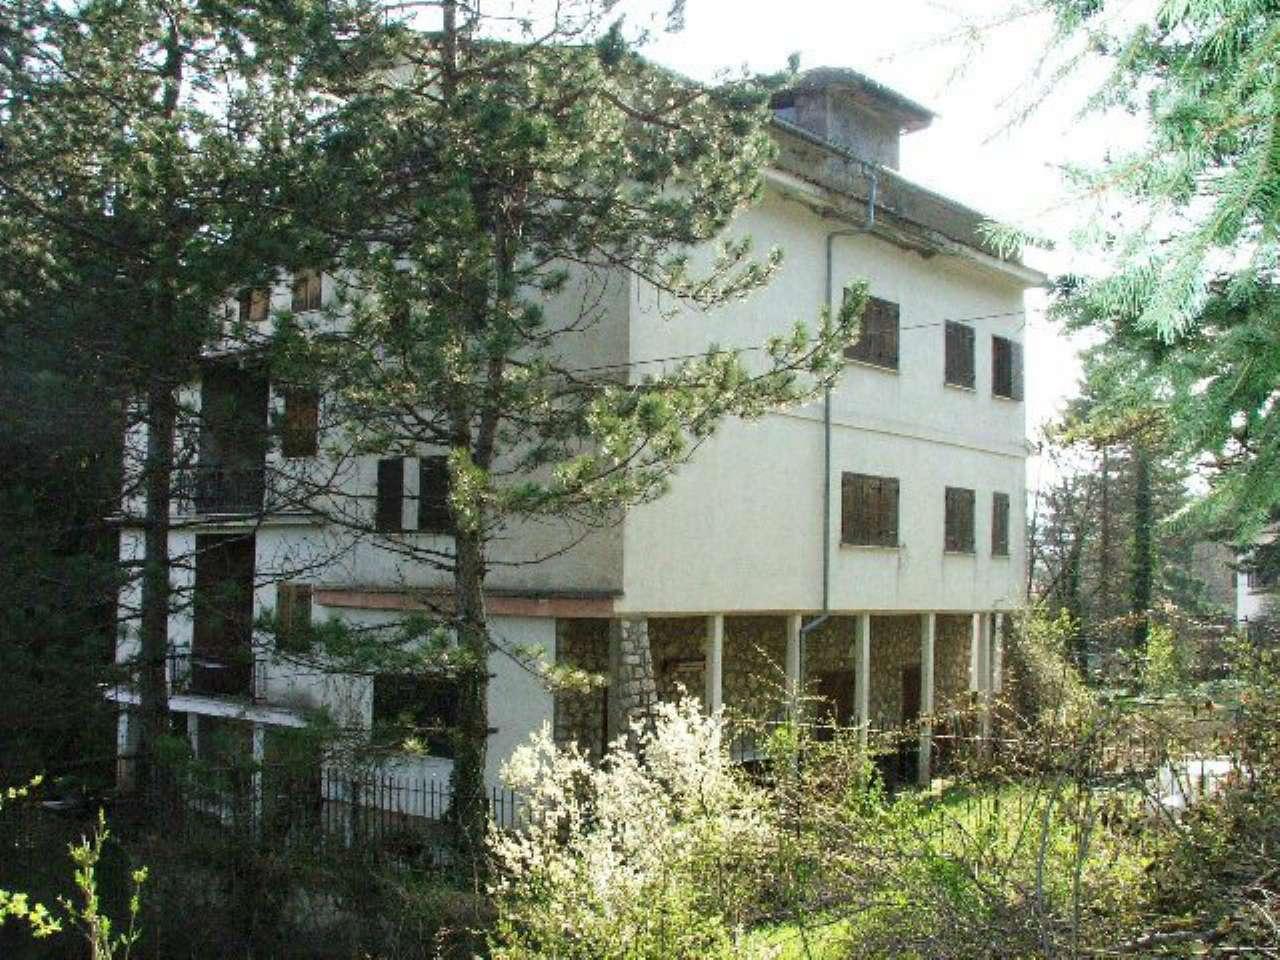 Appartamento in vendita a Trevi nel Lazio, 6 locali, prezzo € 55.000   CambioCasa.it